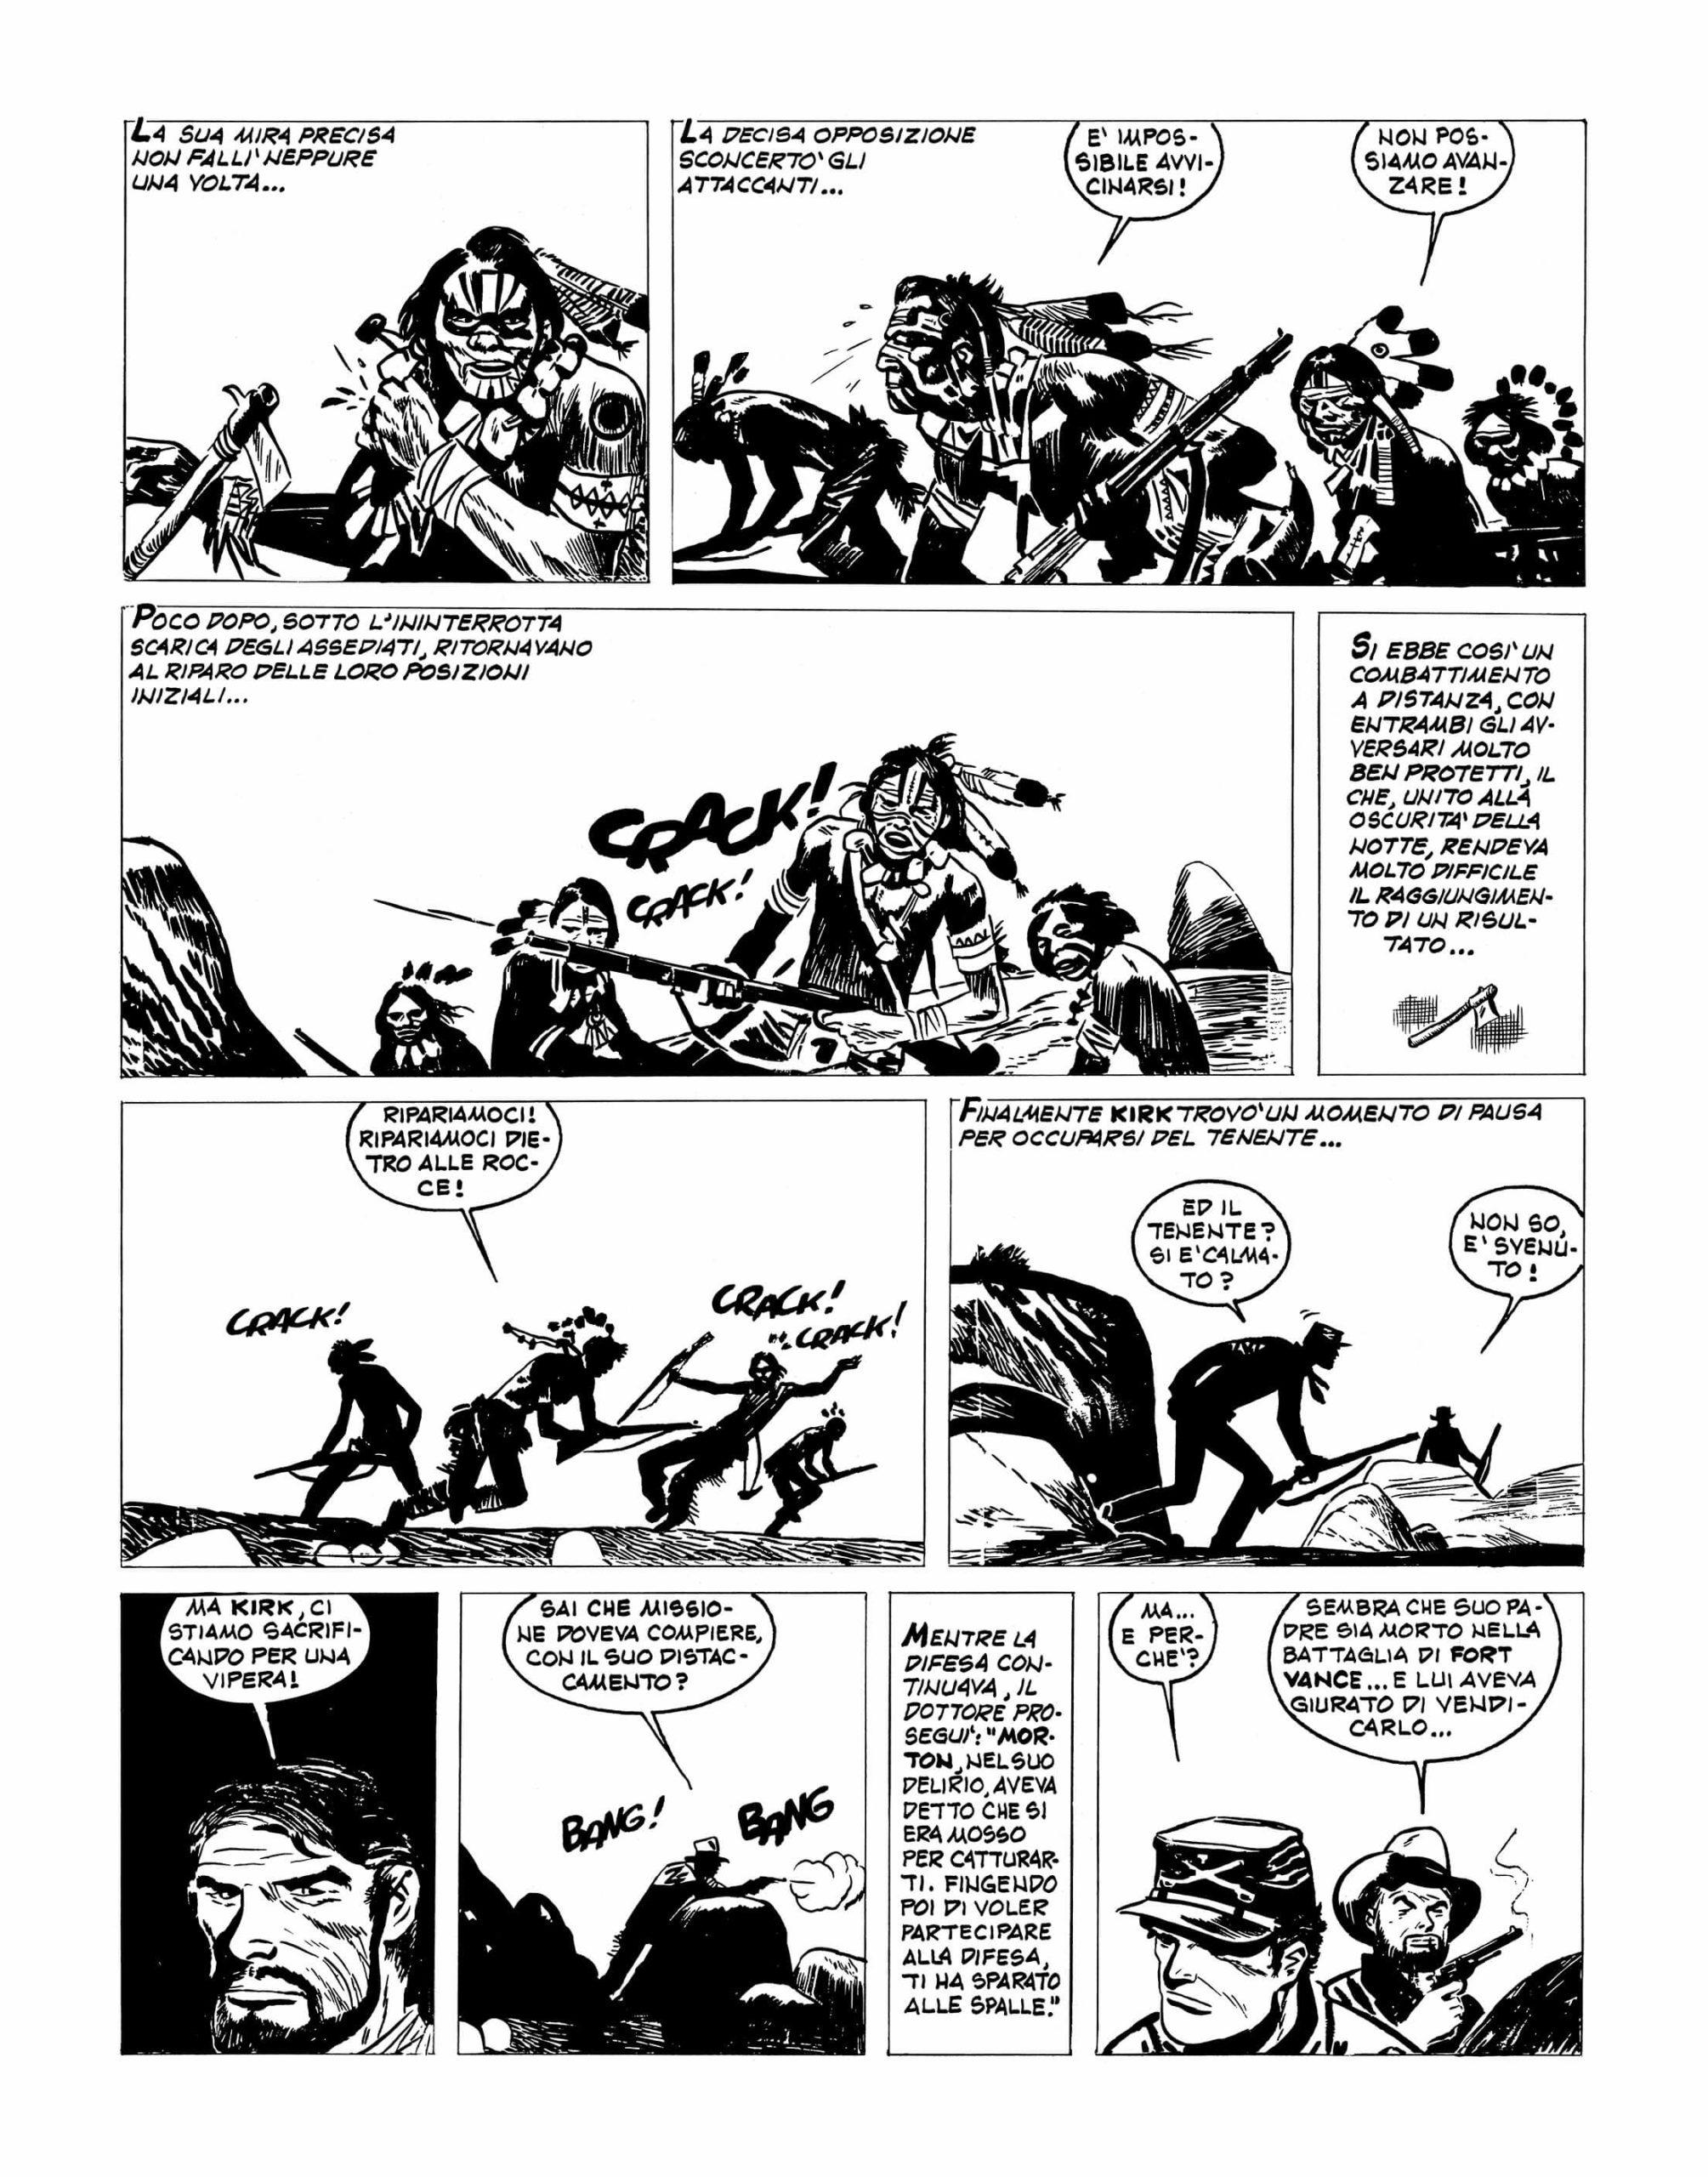 L'assalto dei comanche